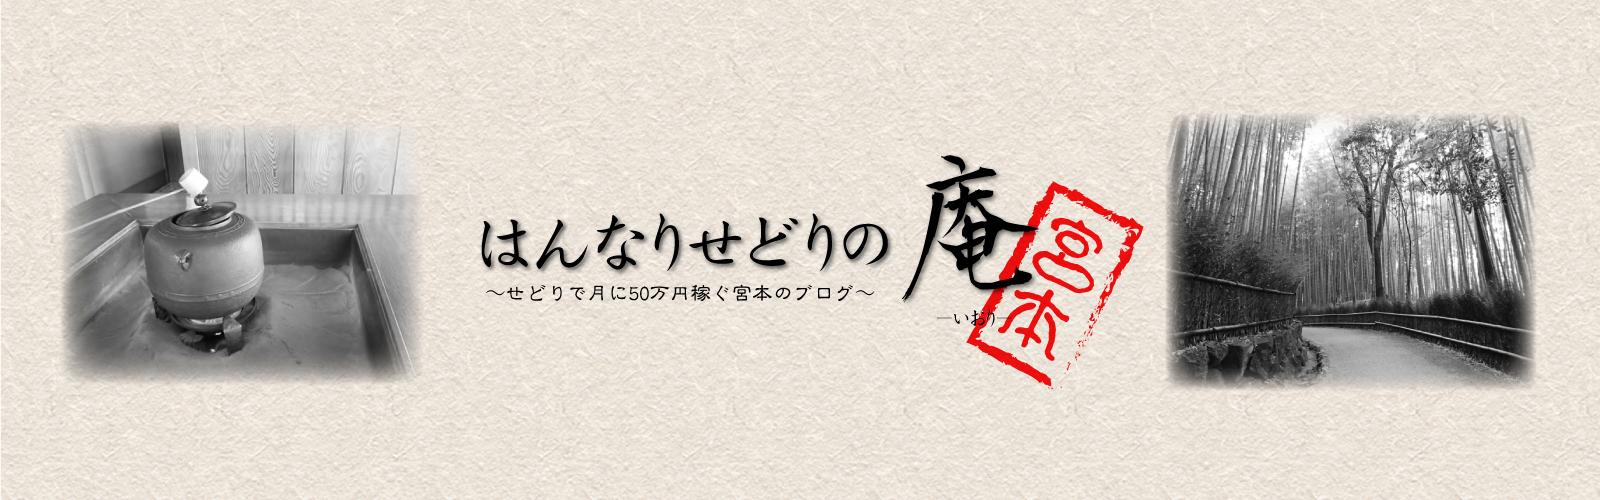 副業せどりで月に50万円稼ぐ宮本のブログ